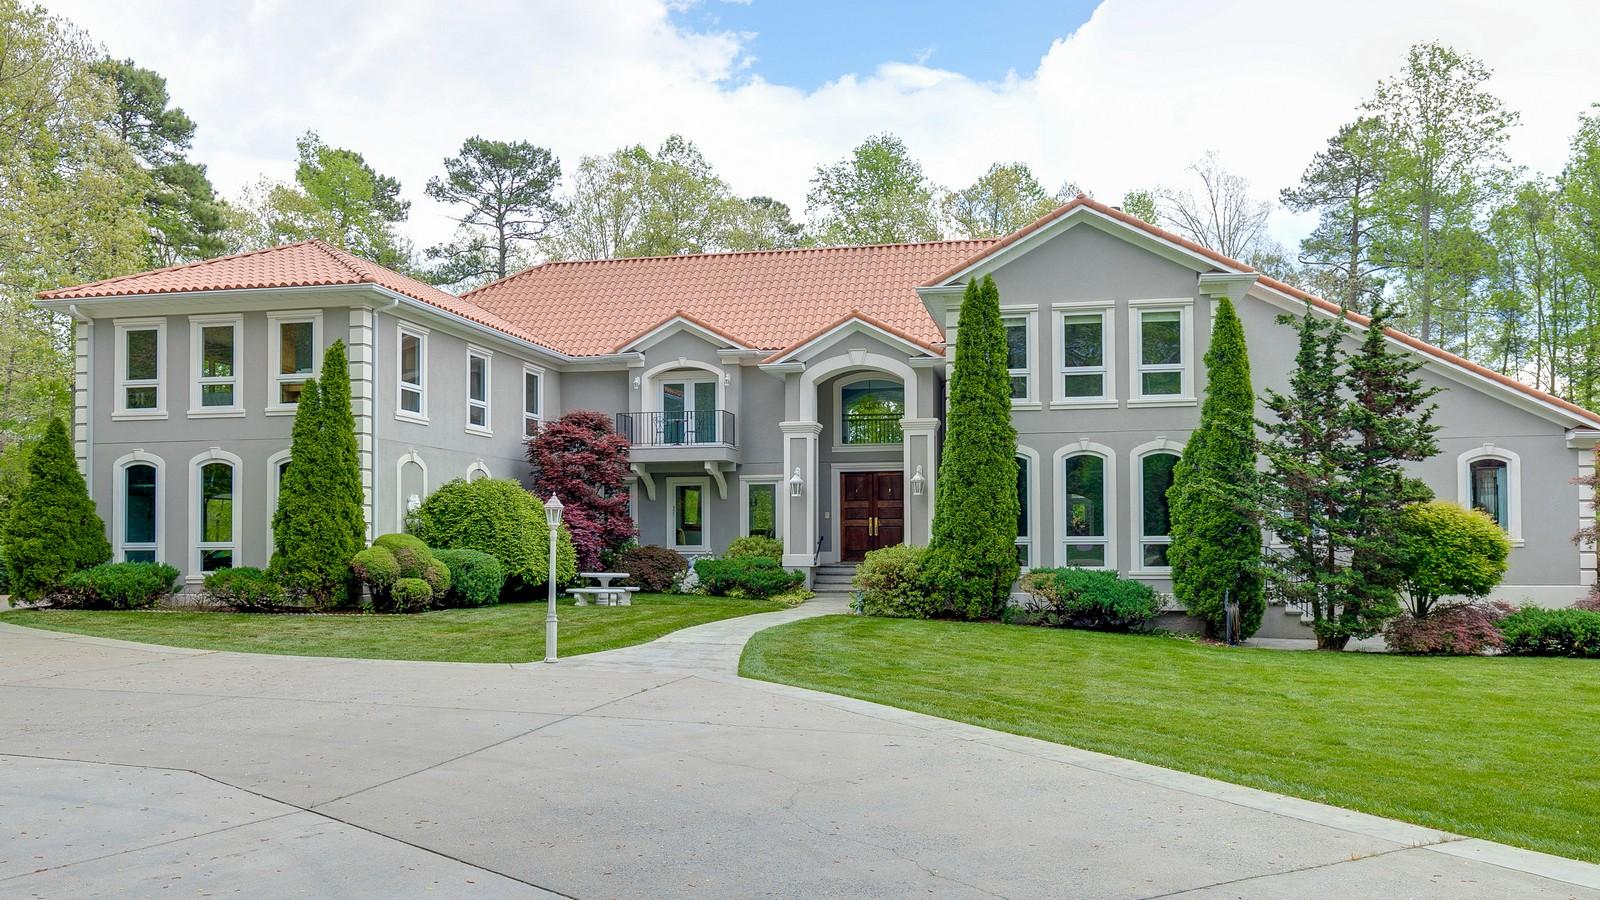 独户住宅 为 销售 在 Custom Gated Waterfront Retreat 12613 Chesdin Landing Dr 切斯特菲尔德, 弗吉尼亚州, 23838 美国